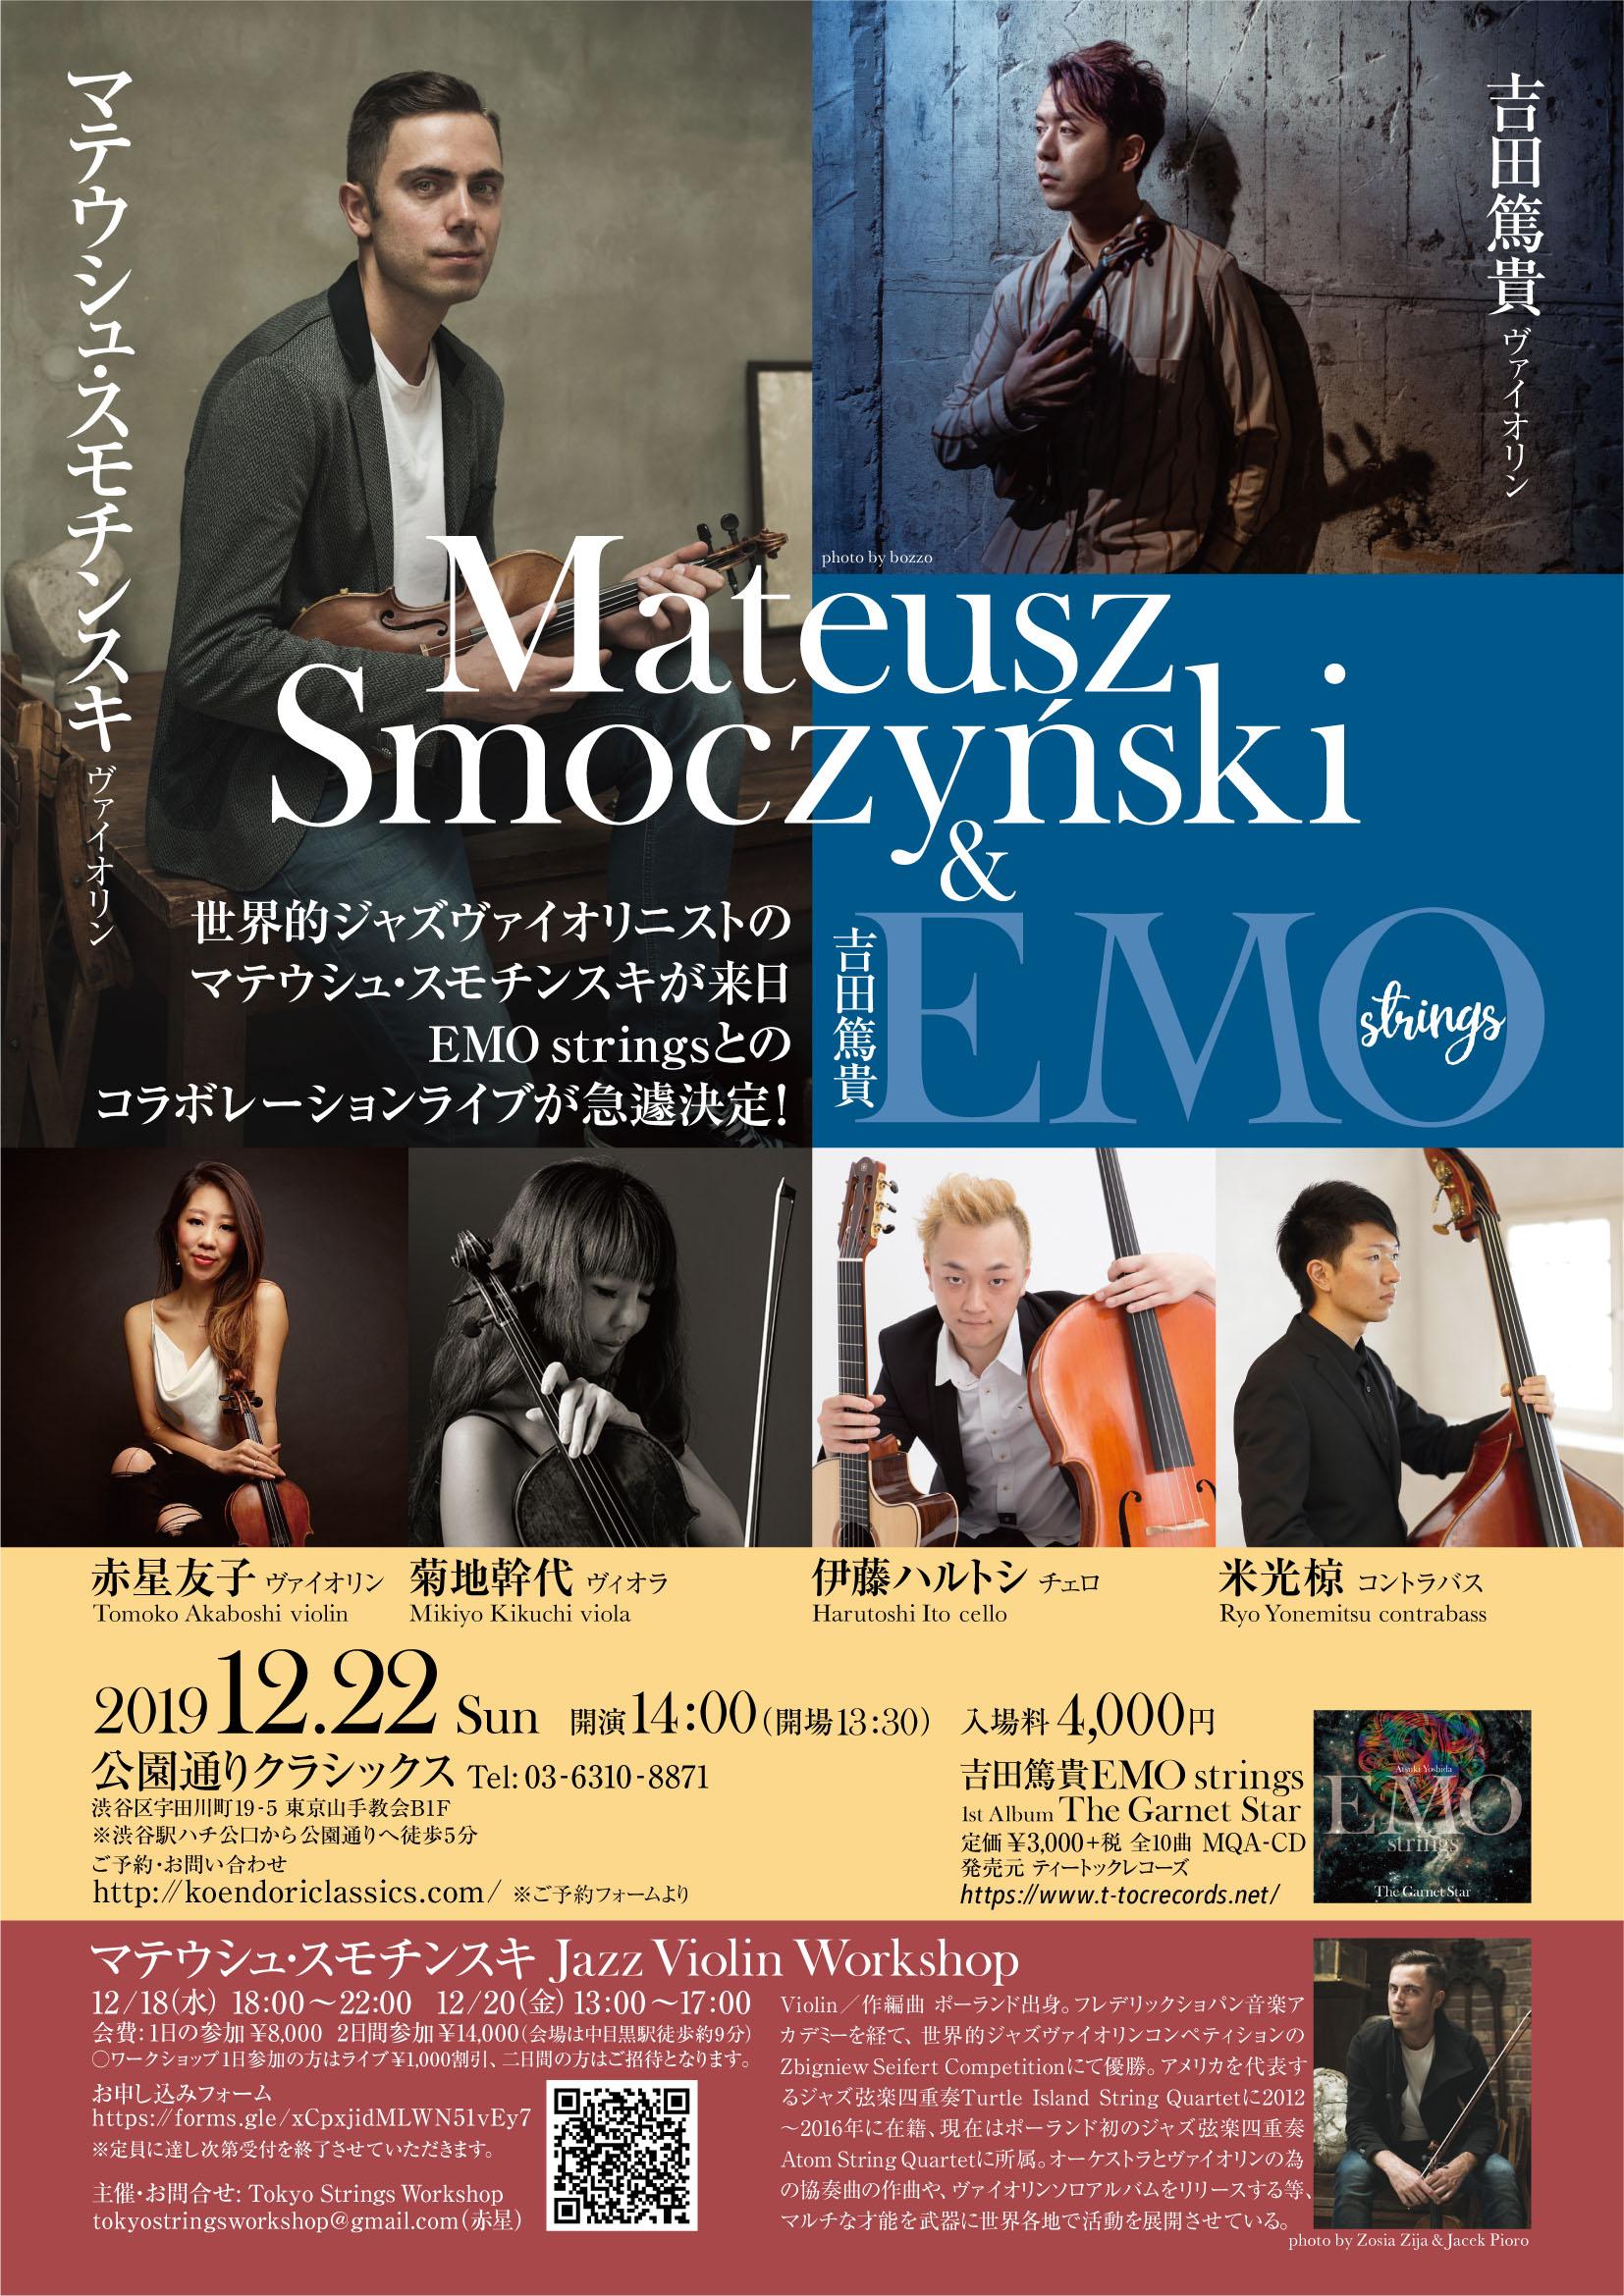 吉田篤貴EMO strings meets マテウシュ・スモチンスキ